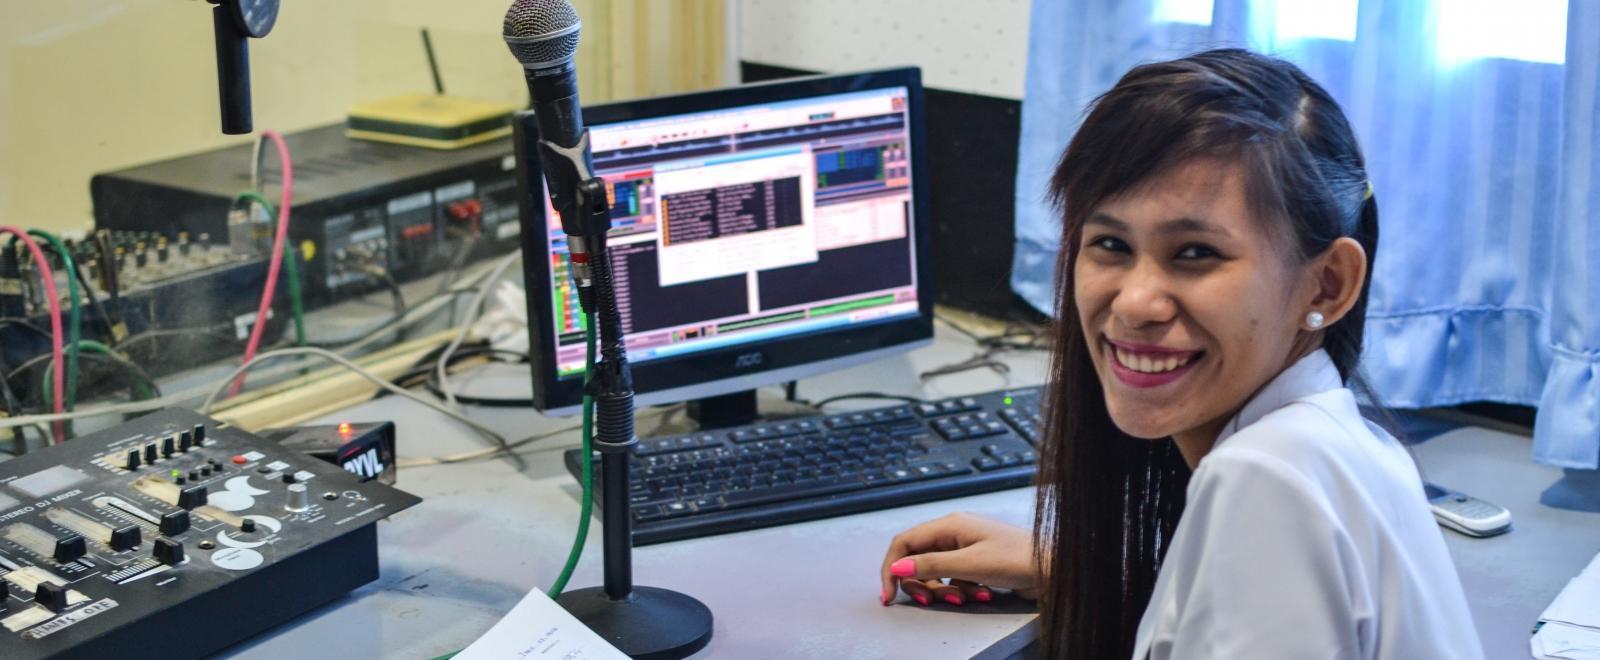 DJ local en una estación de radio de Filipinas donde tenemos pasantías de periodismo internacionales.